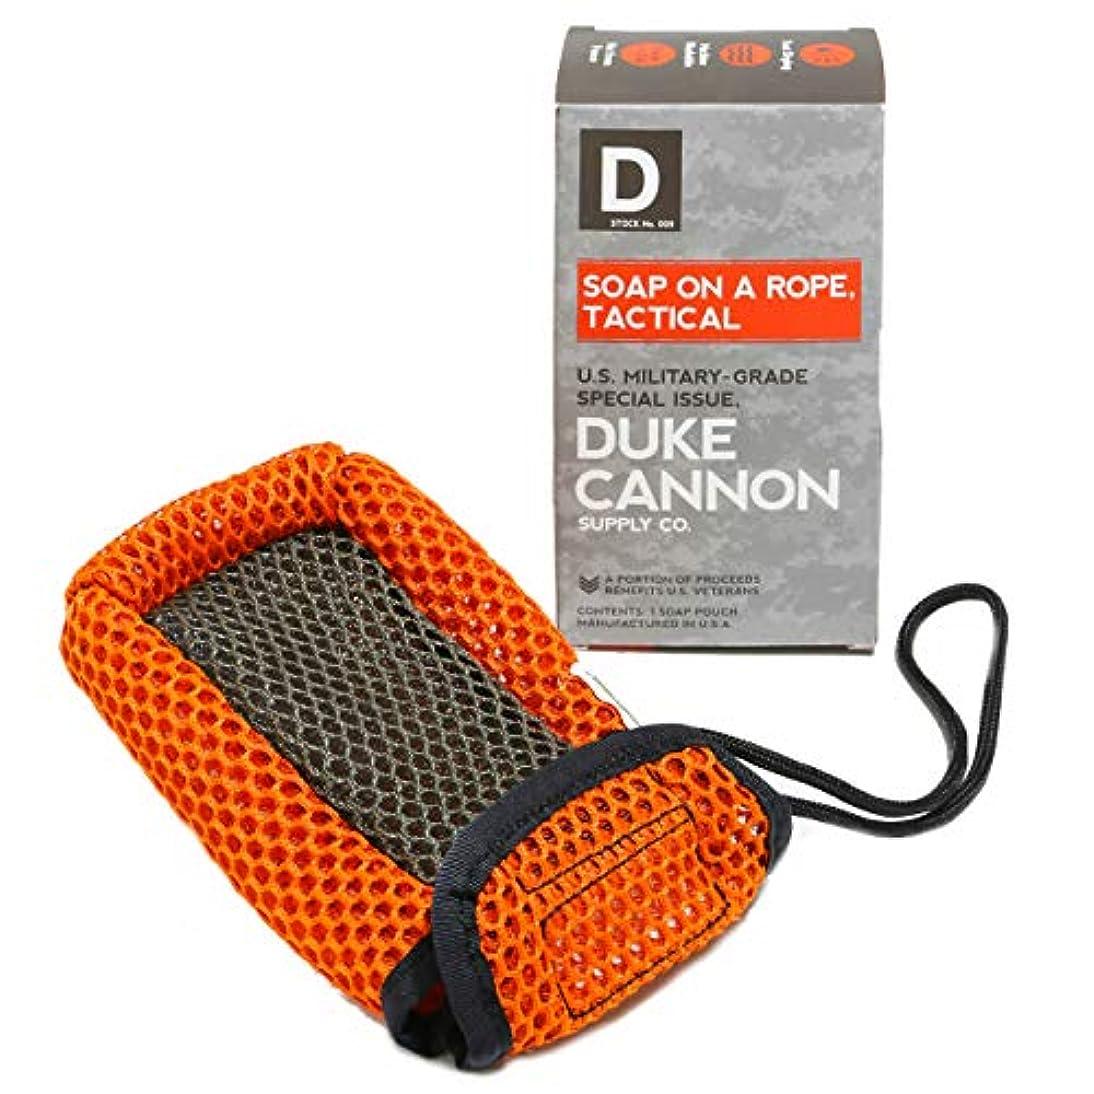 一方、精巧なアクティビティDuke Cannon ロープのポーチには戦術的なソープ